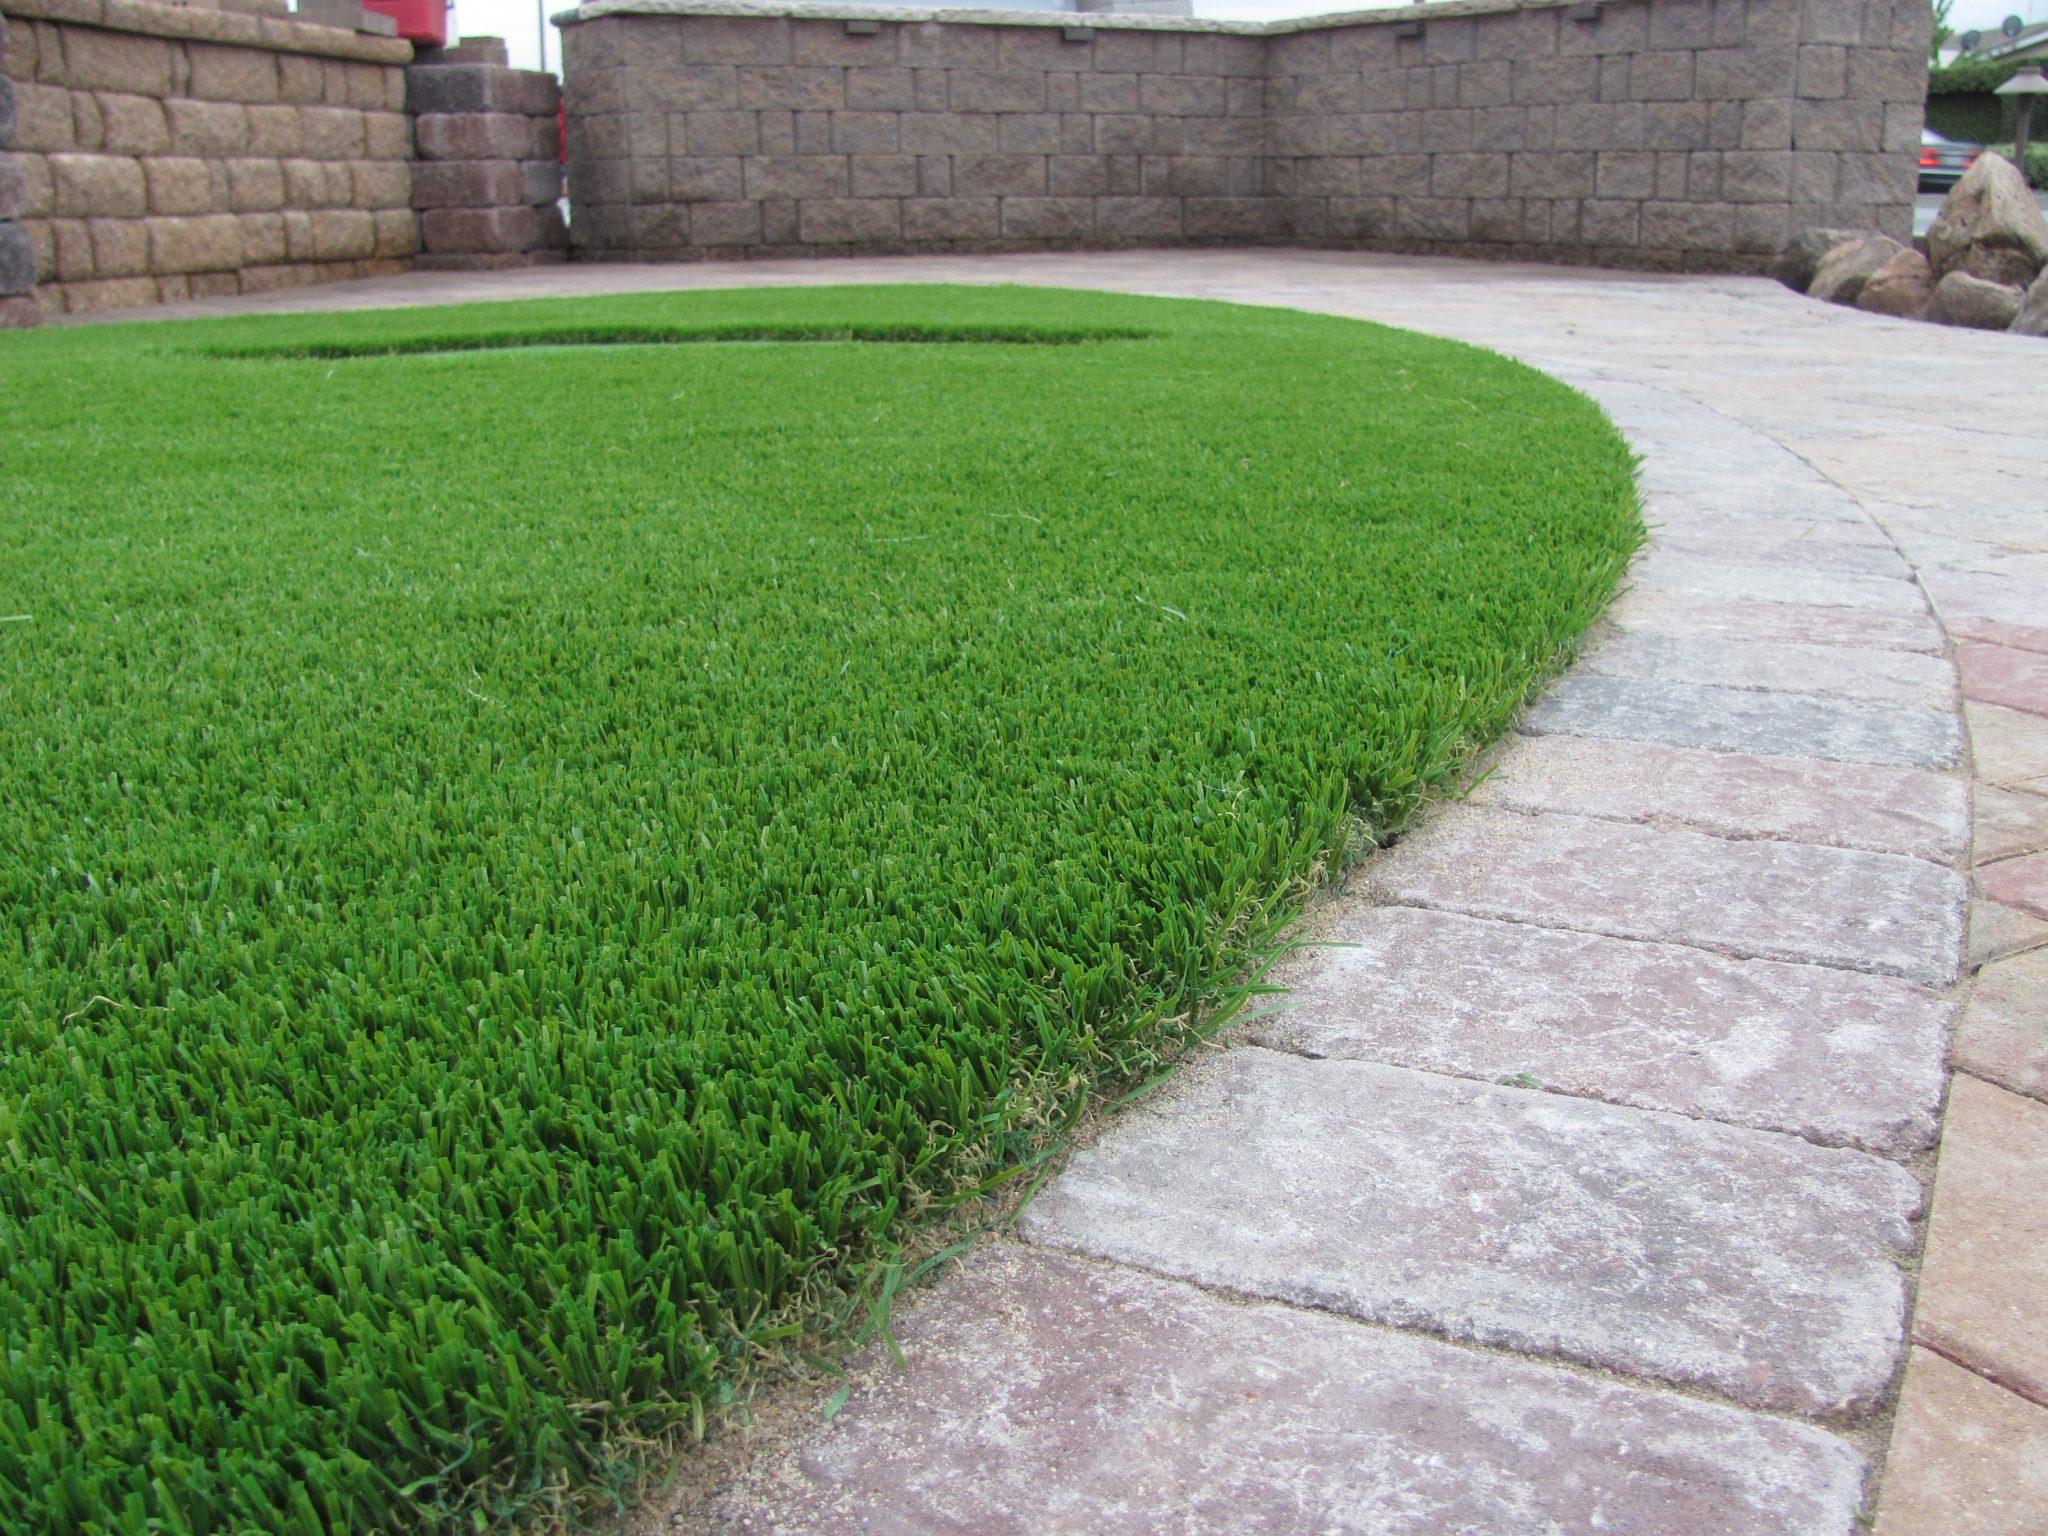 Manufactured Grass Lawn Saving water